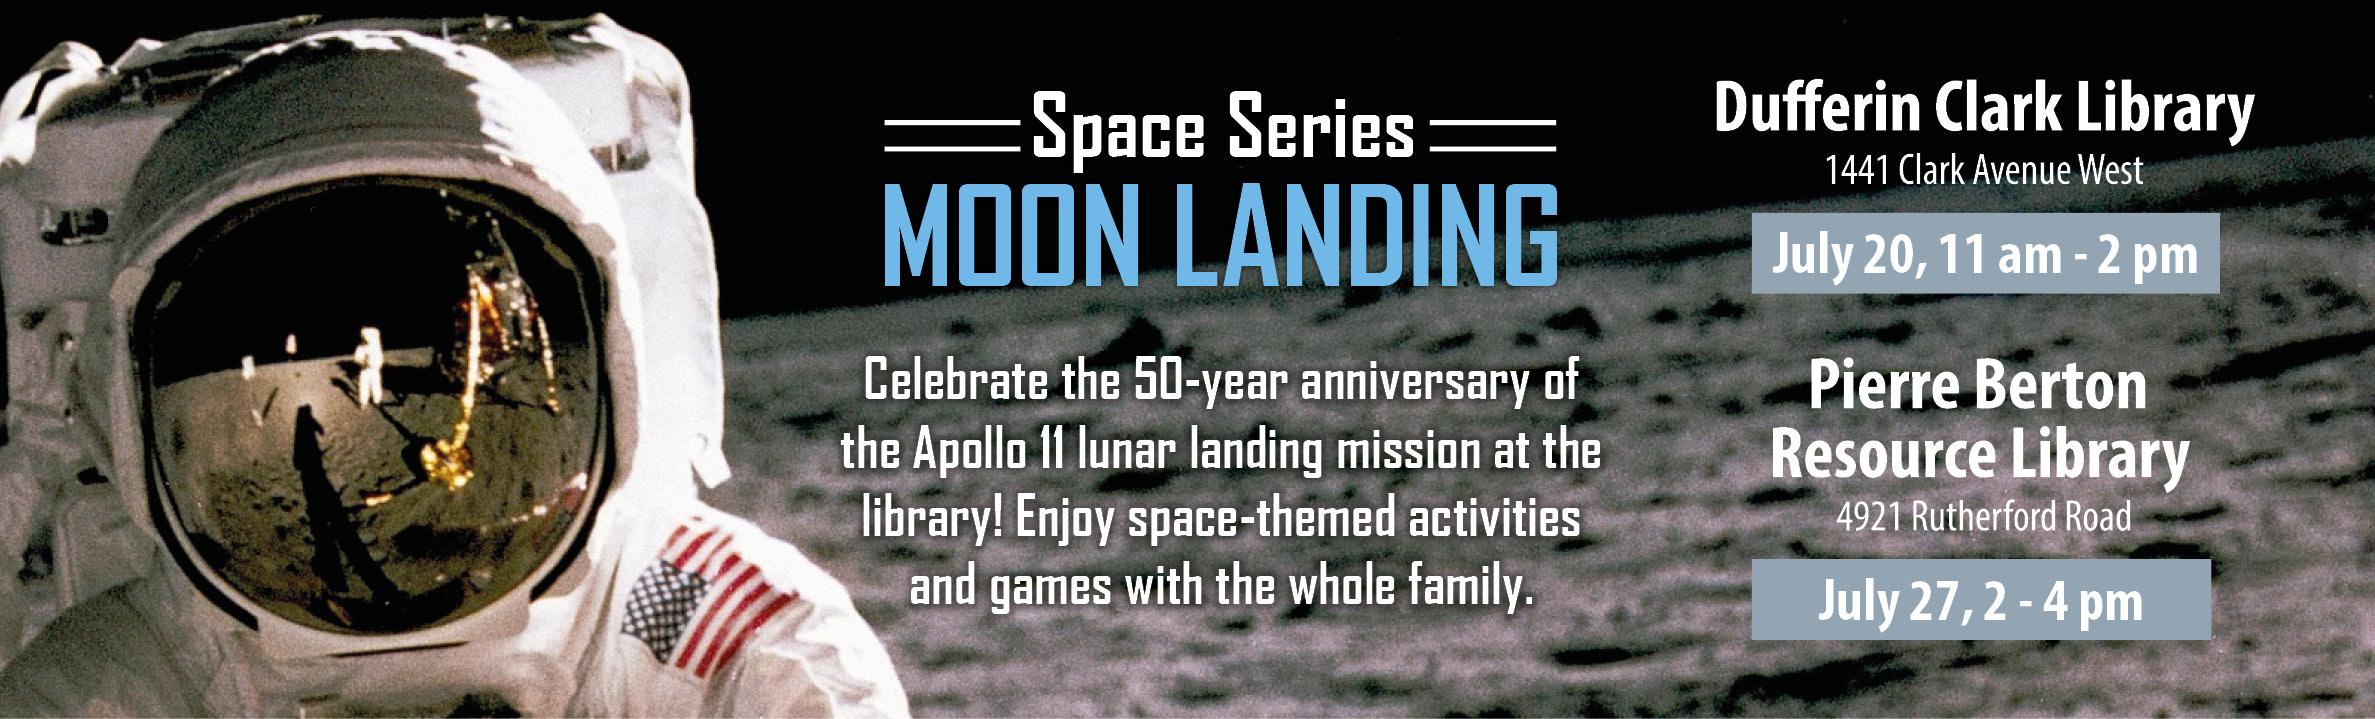 WB Space Series Moon Landing.jpg